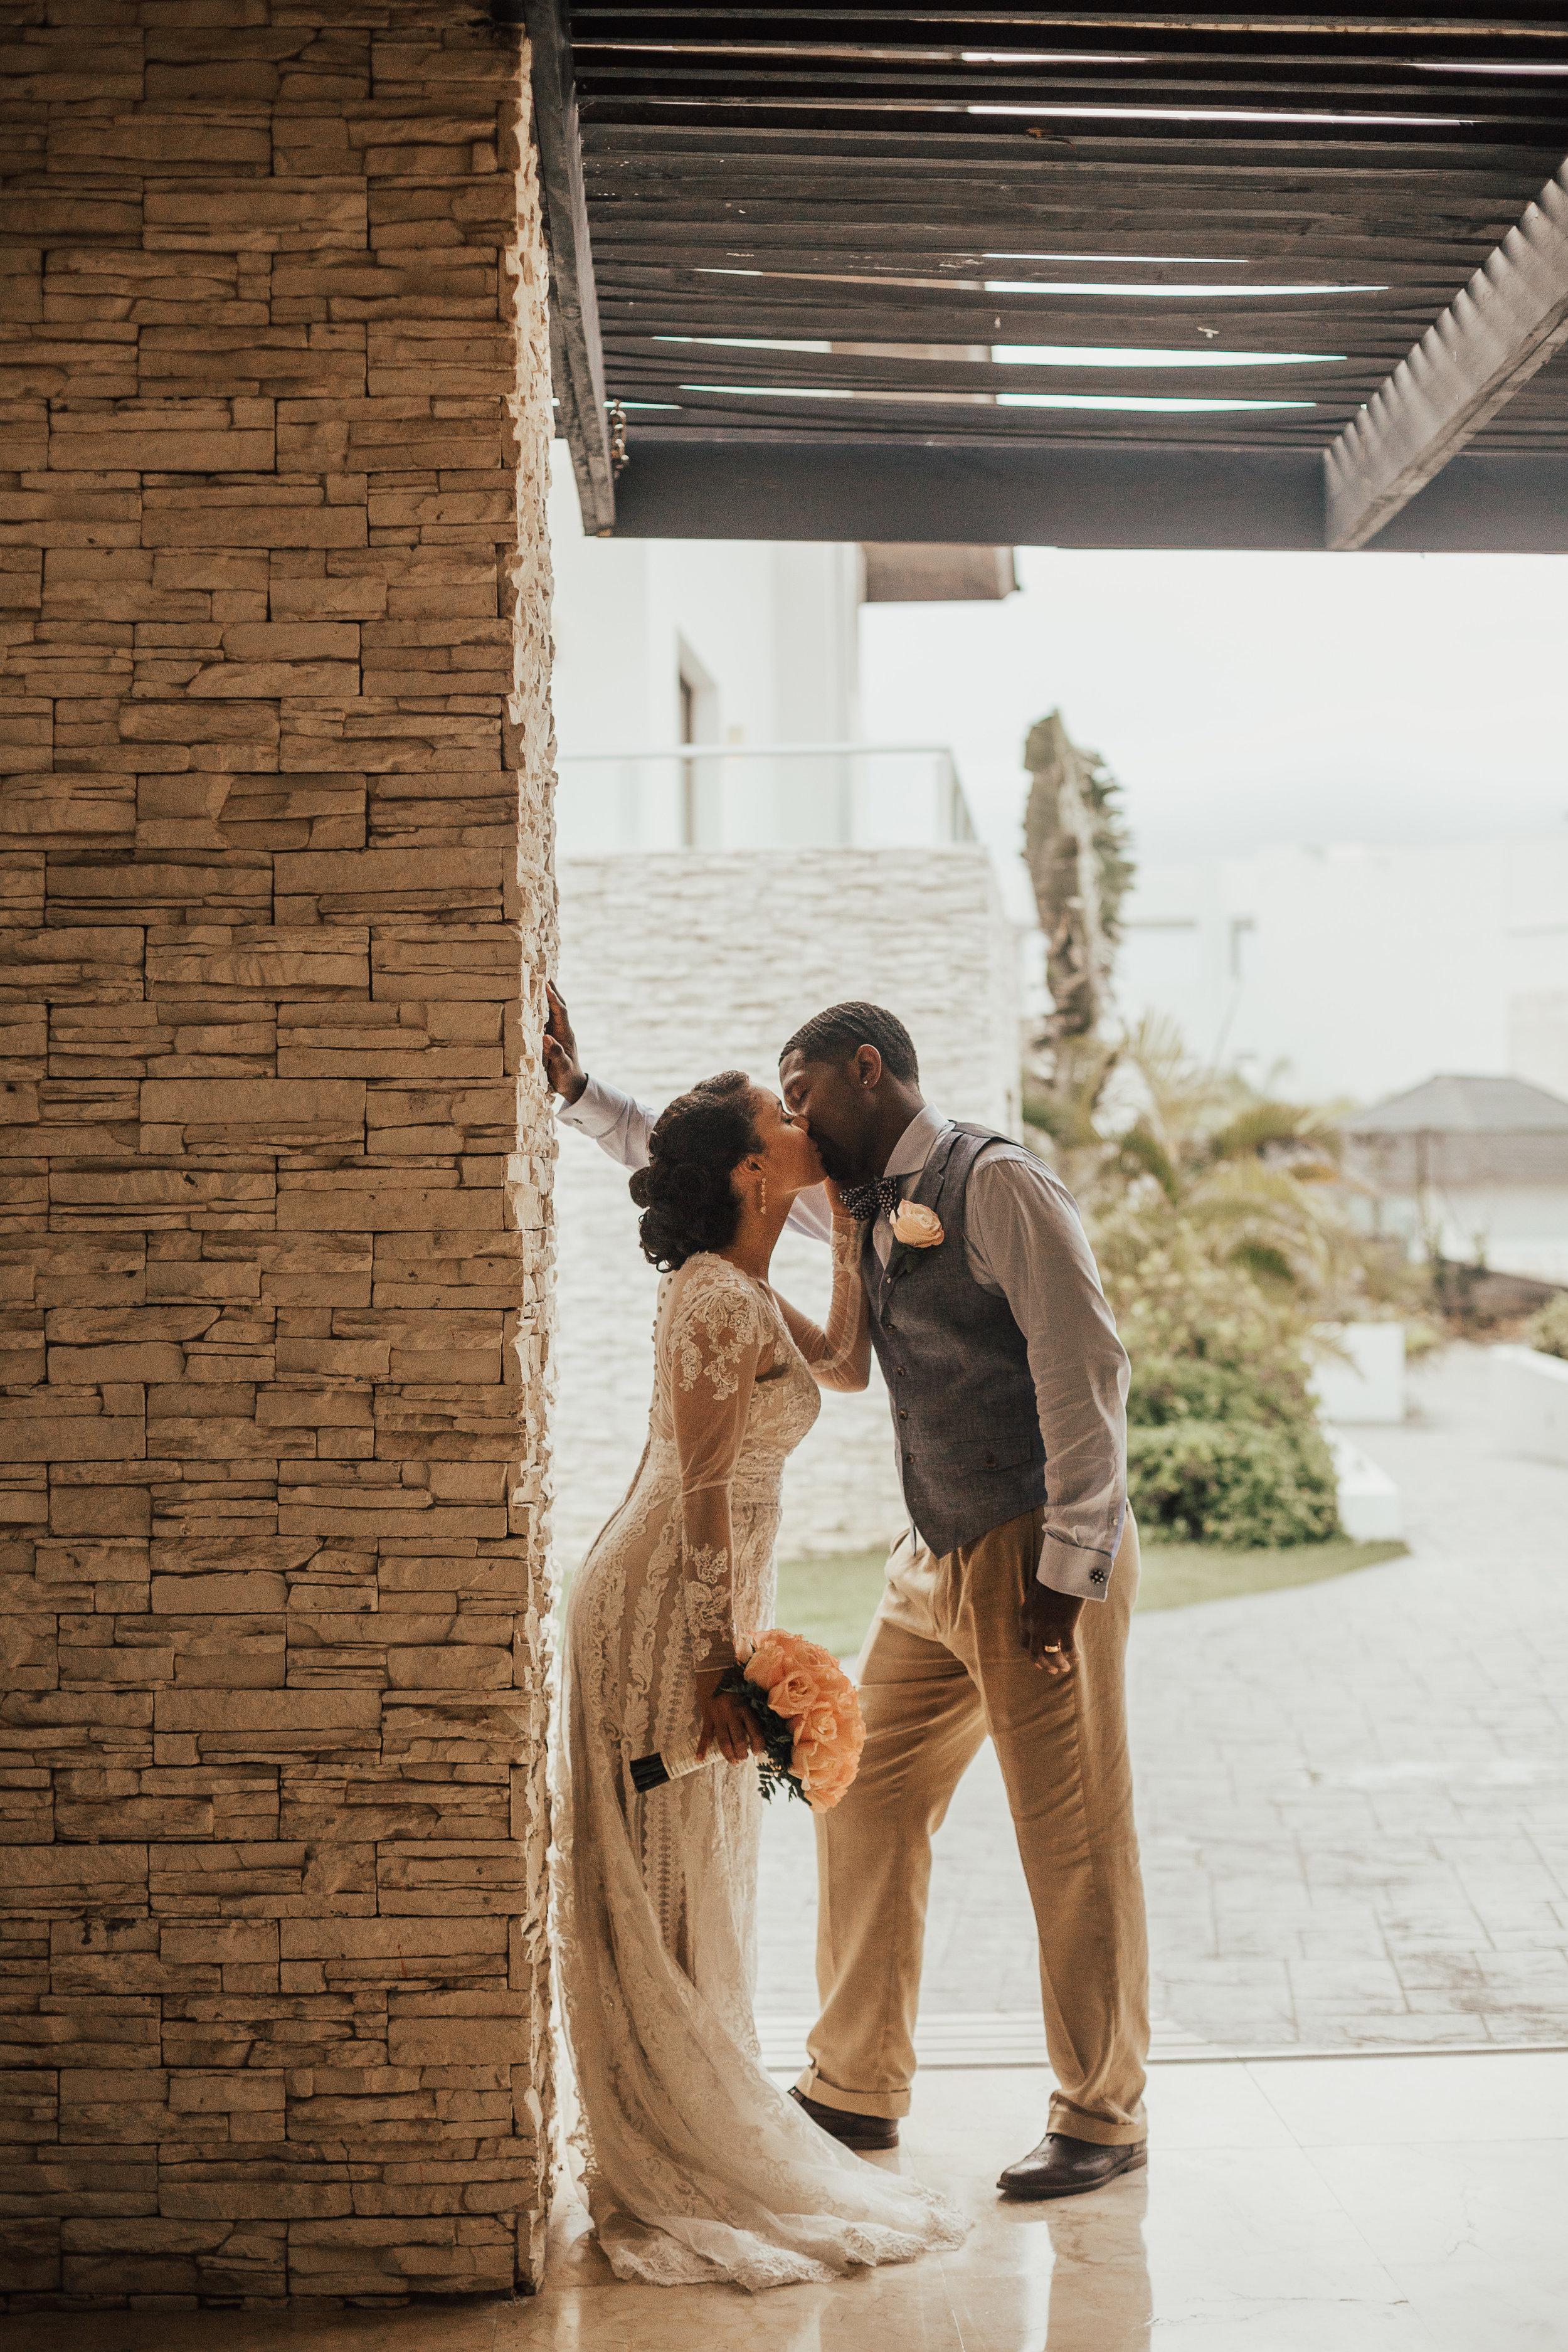 Destination-Wedding-Photographer-cleveland-wedding-photographer-elopement-photographer-punta-cana-chic-resort